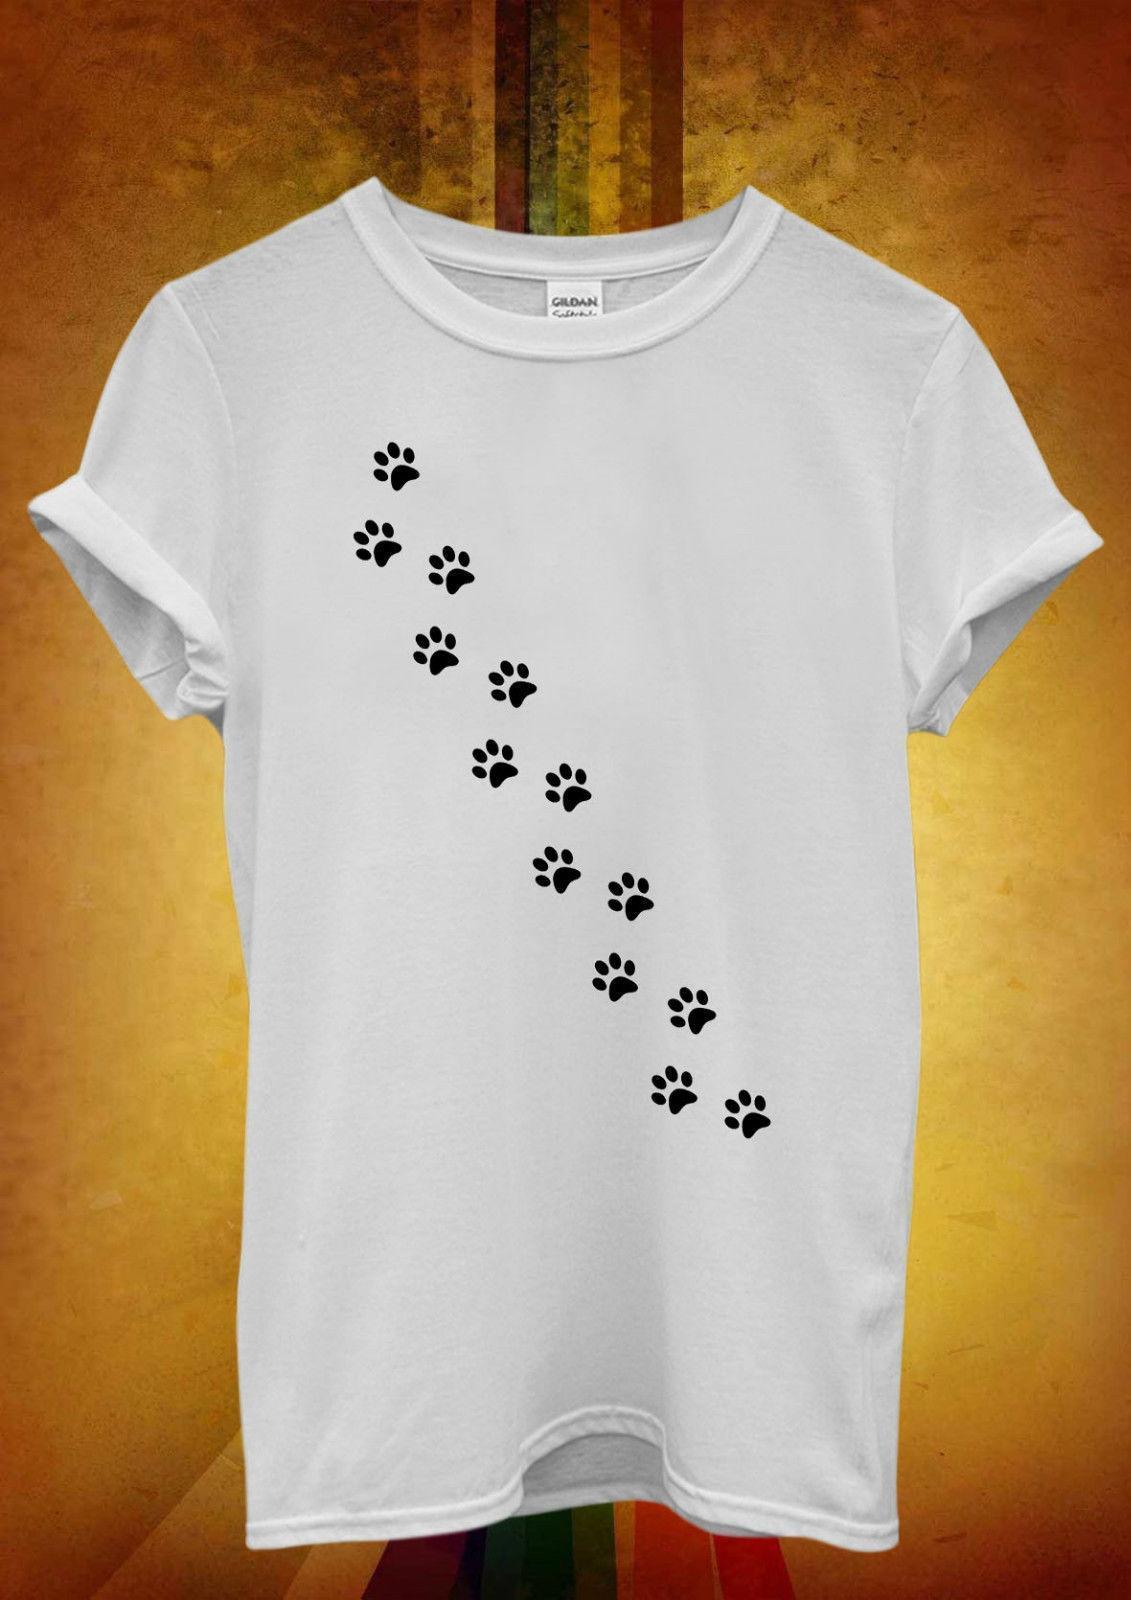 0d908b5cc43 Cat Paw Kitten Meow Cool Hipster Men Women Unisex T Shirt Tank Top Vest 742  T Shirt Summer Style Fashion Men T Shirts Top Tee Shirts T Shirts T Shirts  And ...